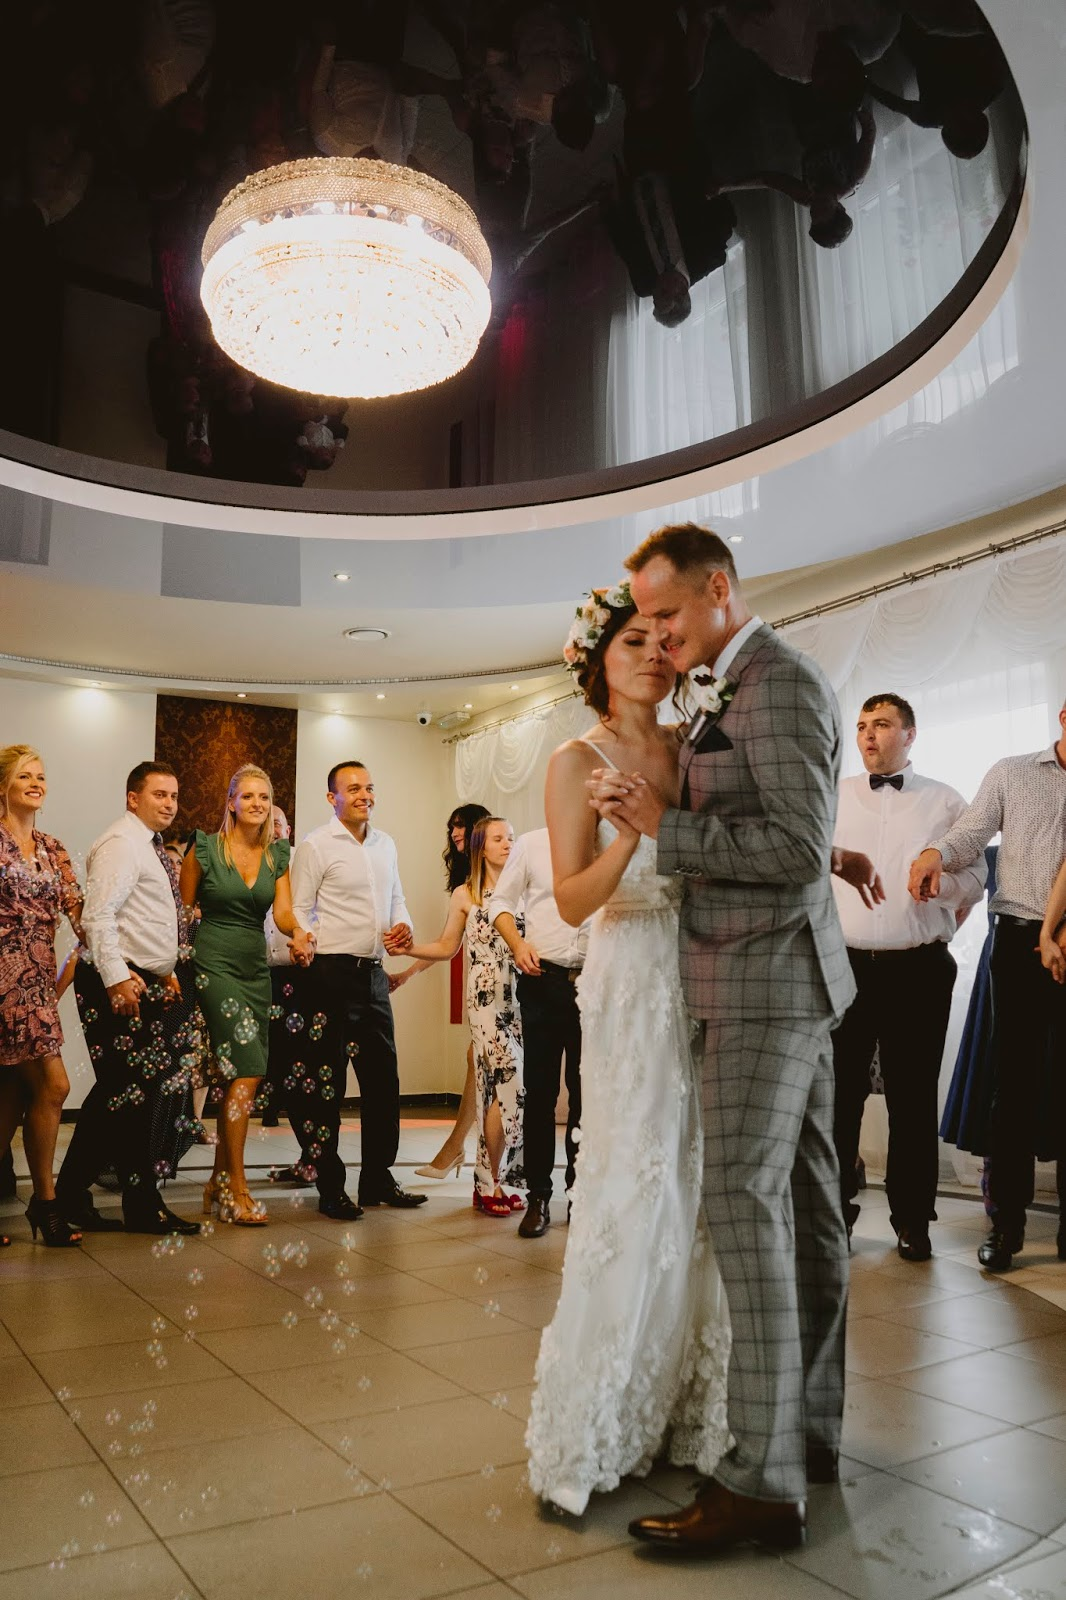 Karina i Paweł ślub nasz ślub boho rustykalny sukienka rustic kwiaty 3d karyn blog modowy